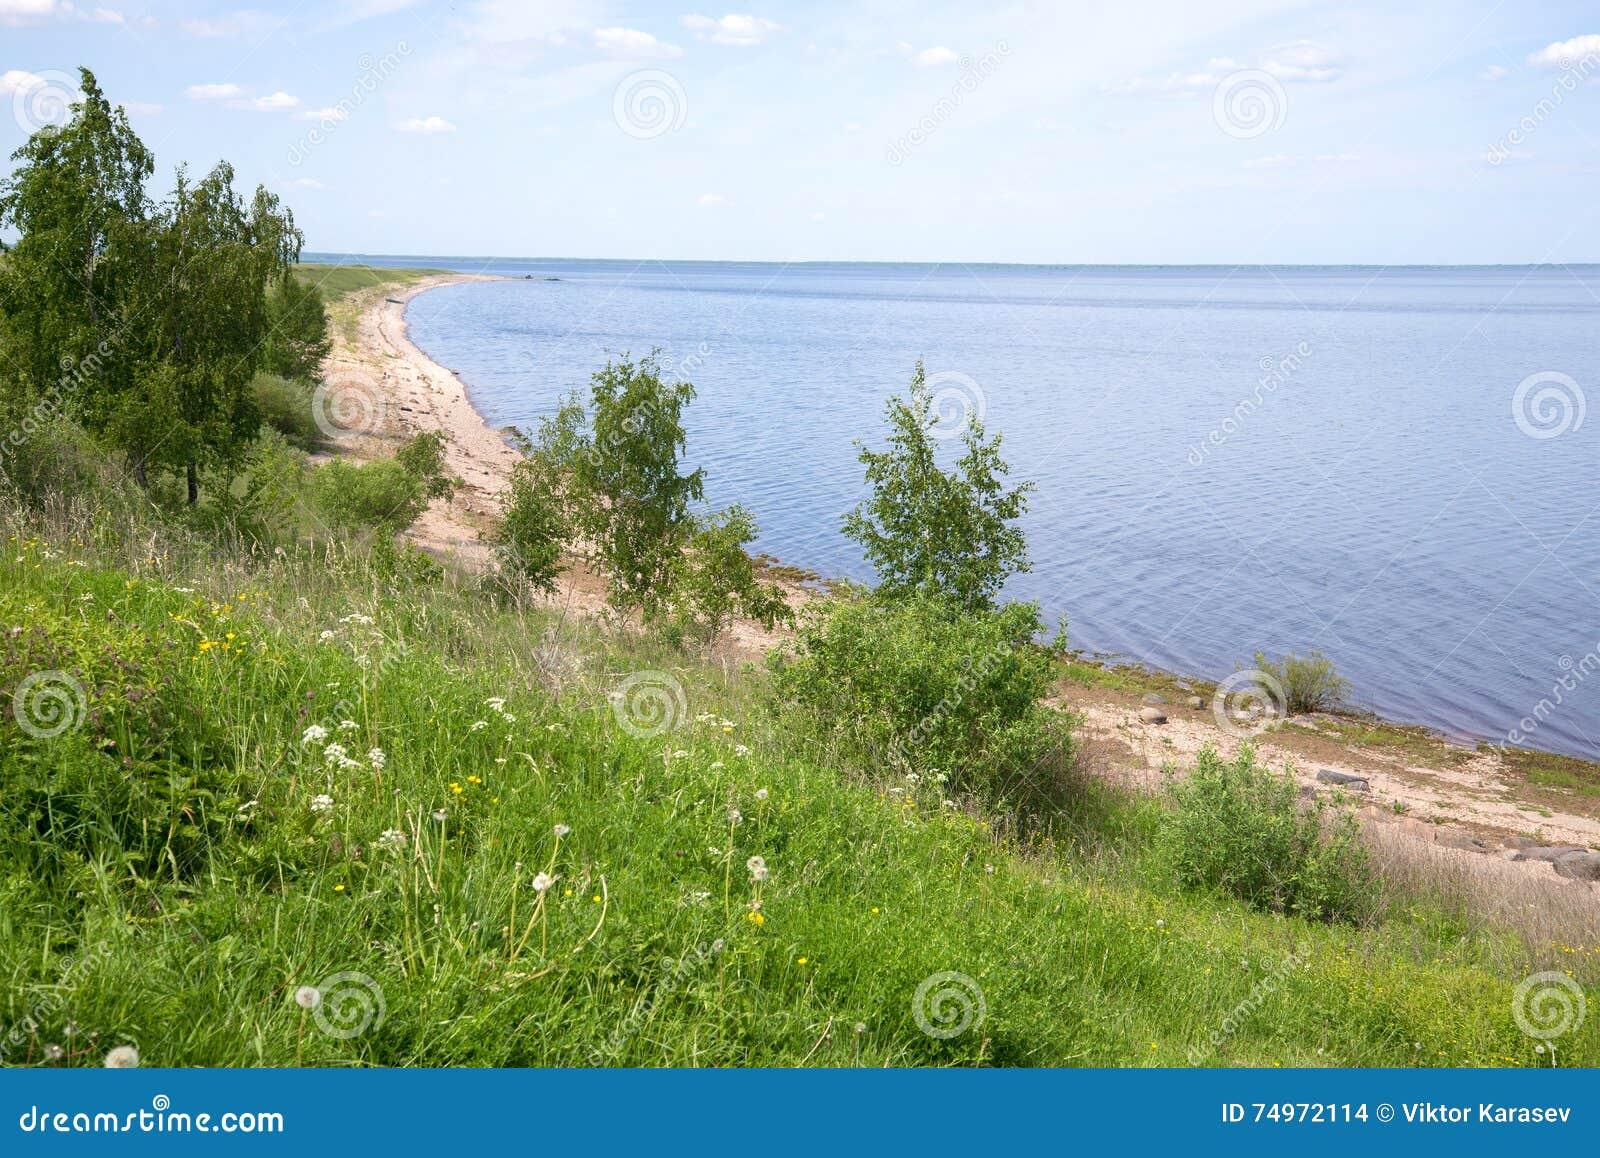 Where is the lake Ilmen in Russia 21